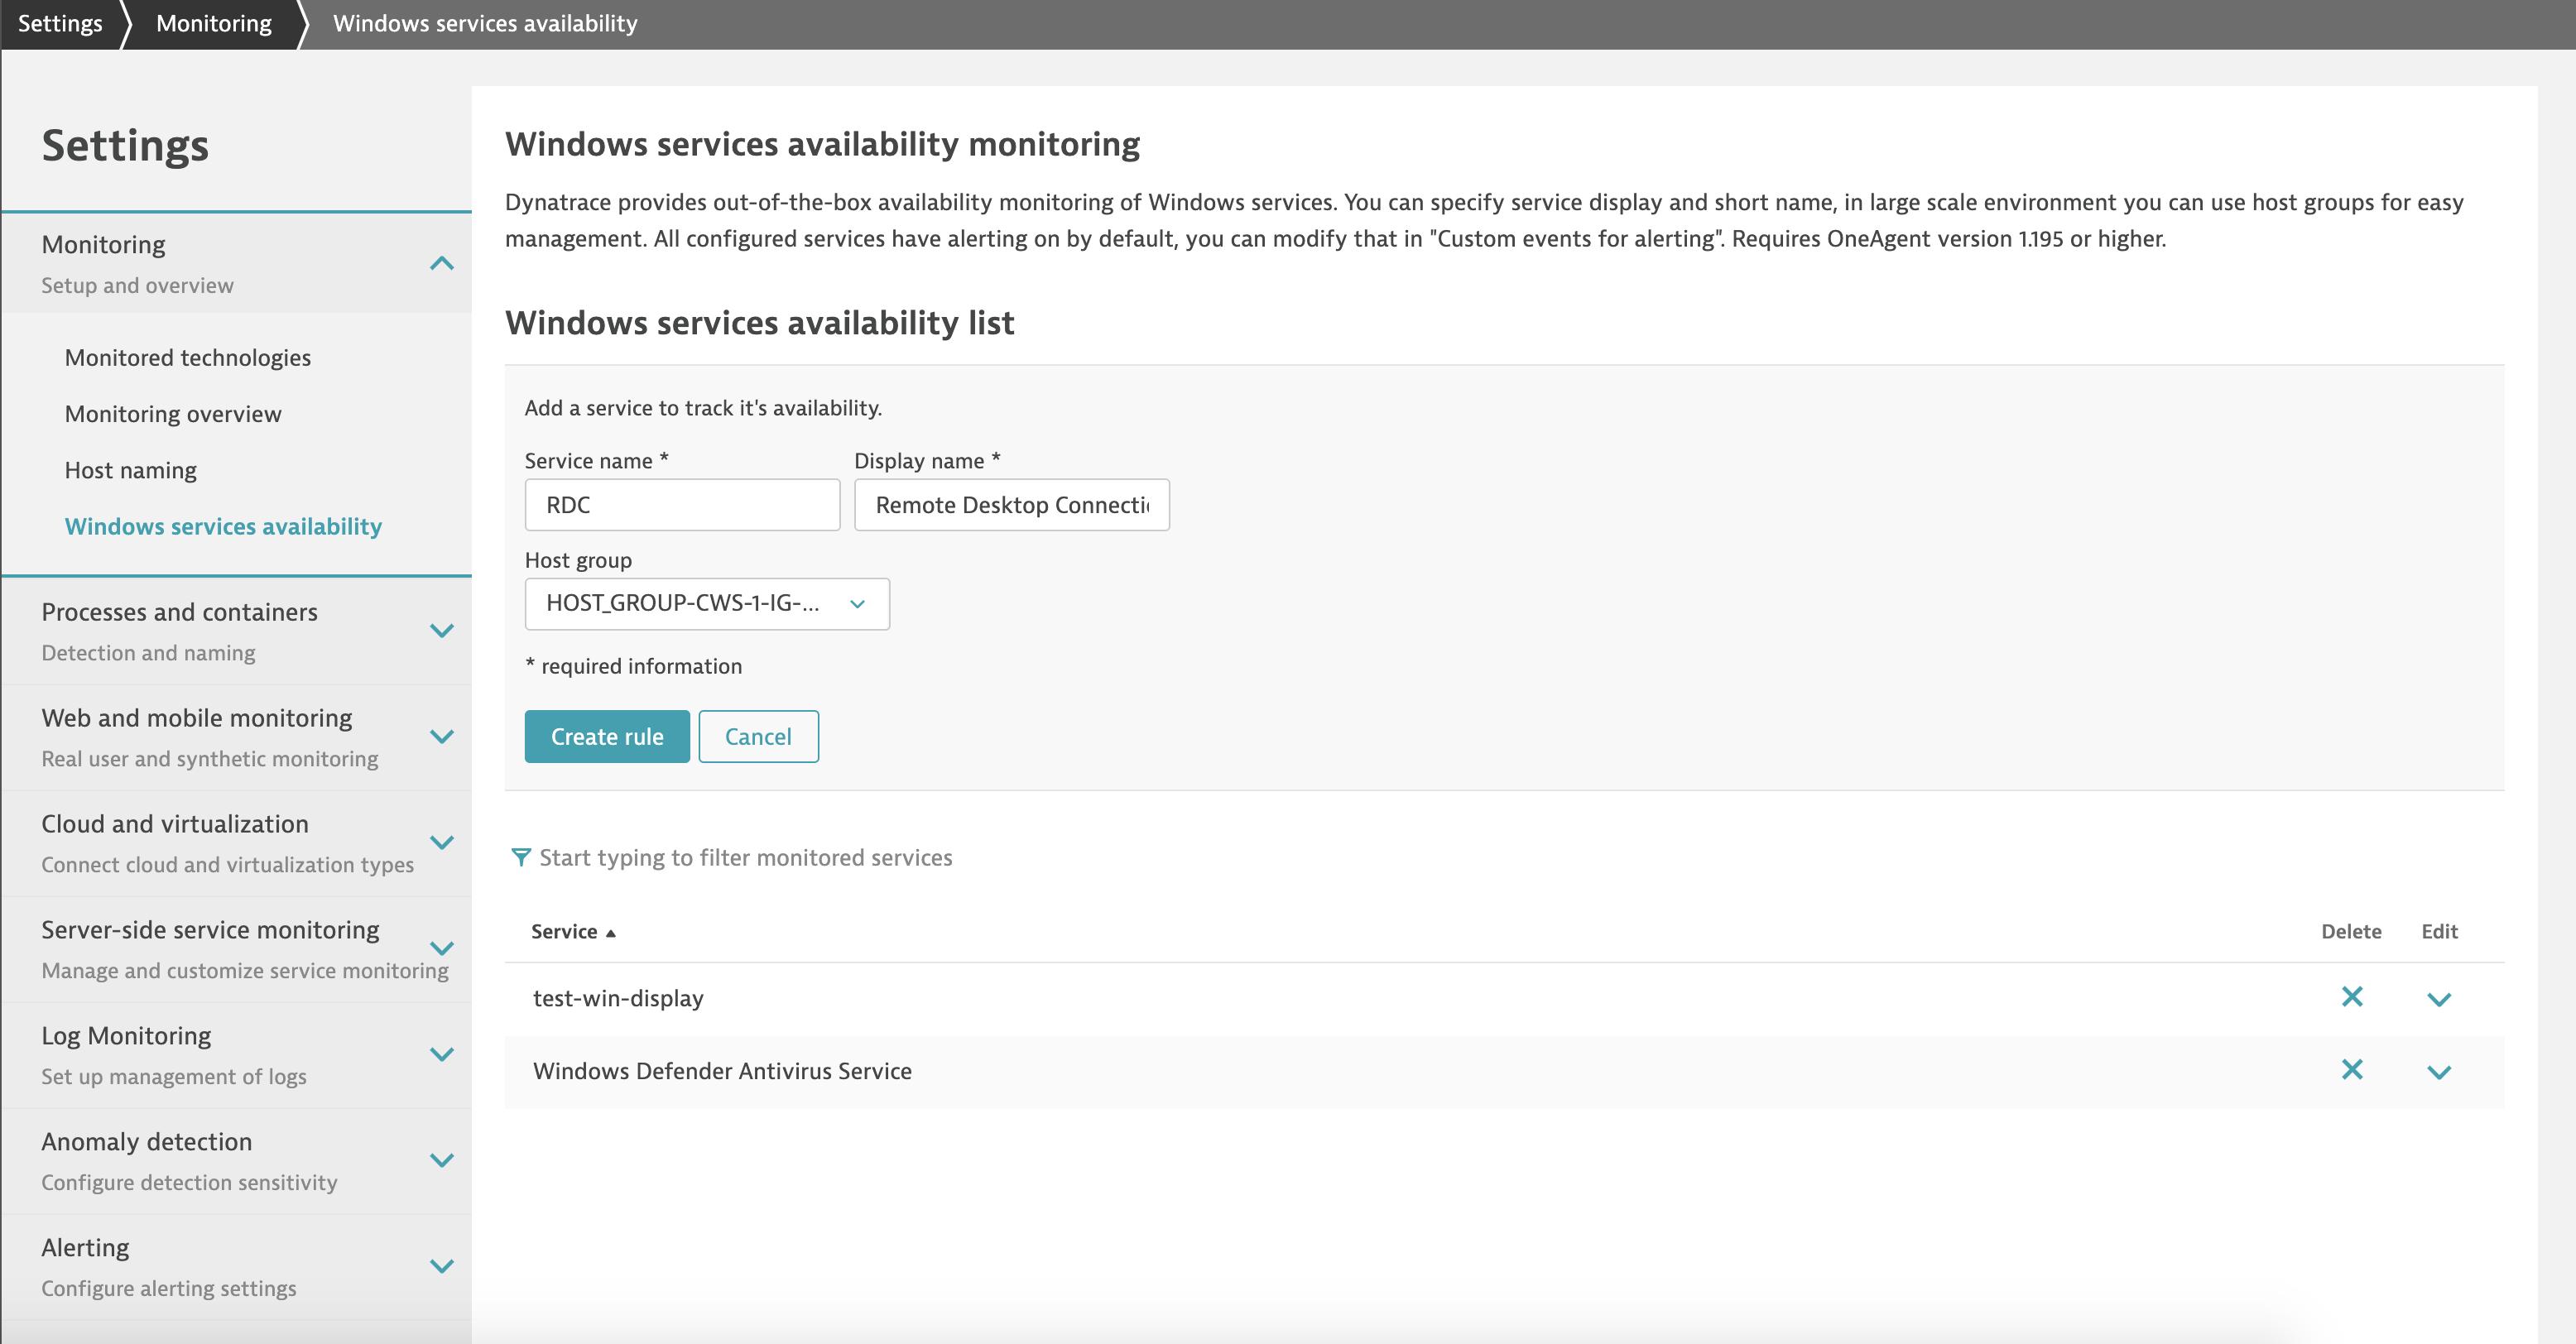 Configure Windows service availability monitoring per service